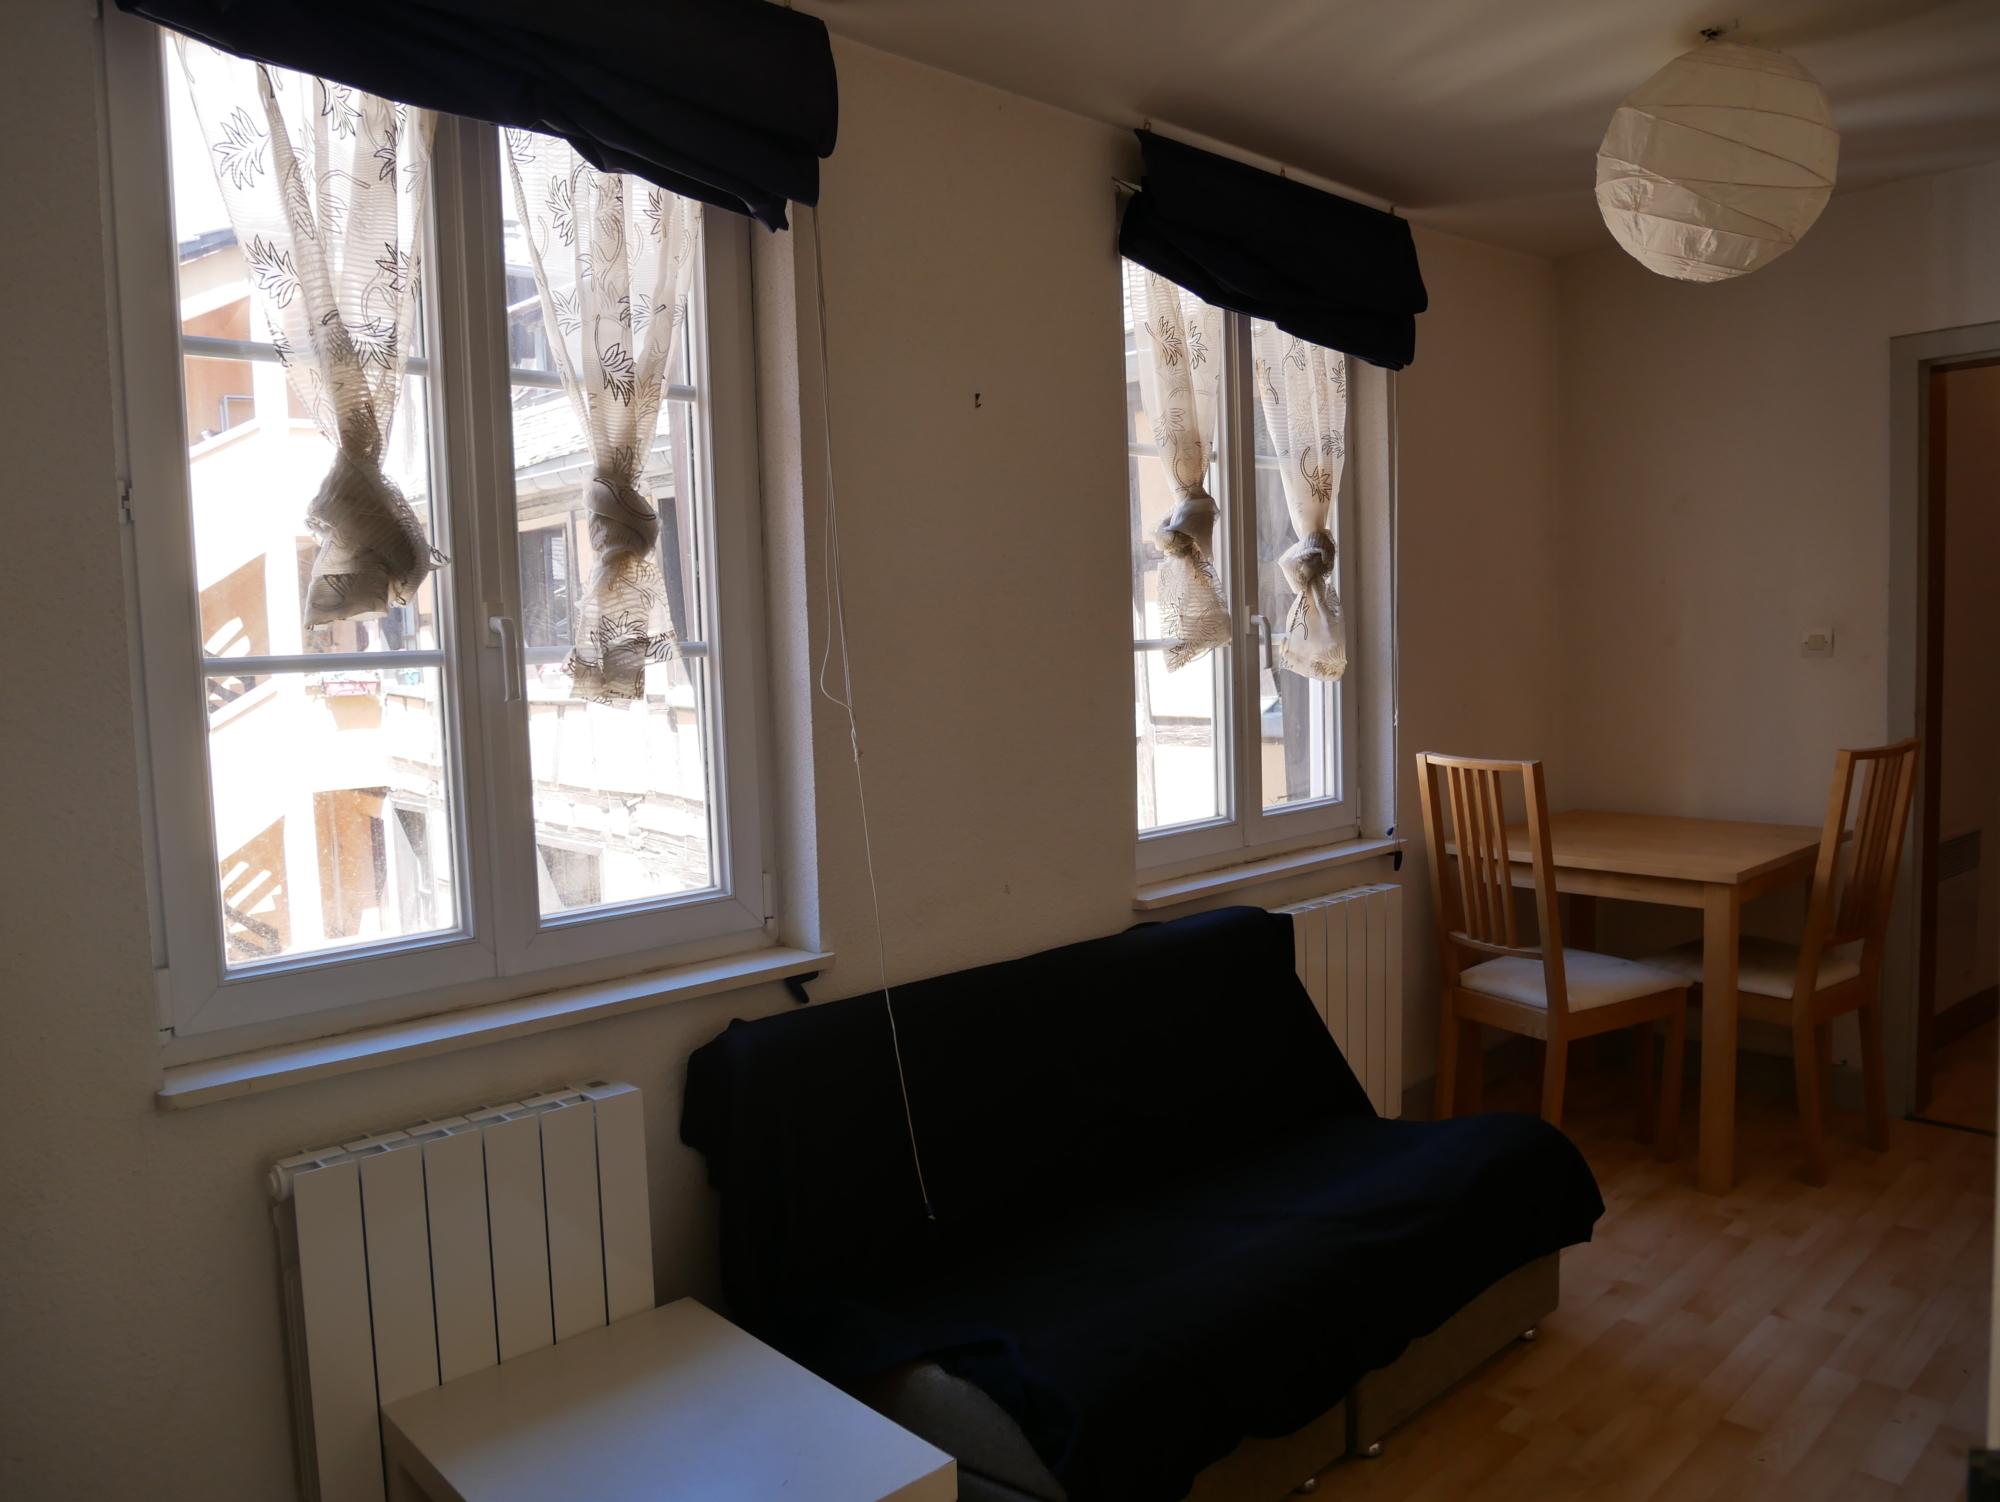 [Dentelle] 2 pièces meublé – Petite France / rue des Dentelles - nos locations - Beausite Immobilier 1